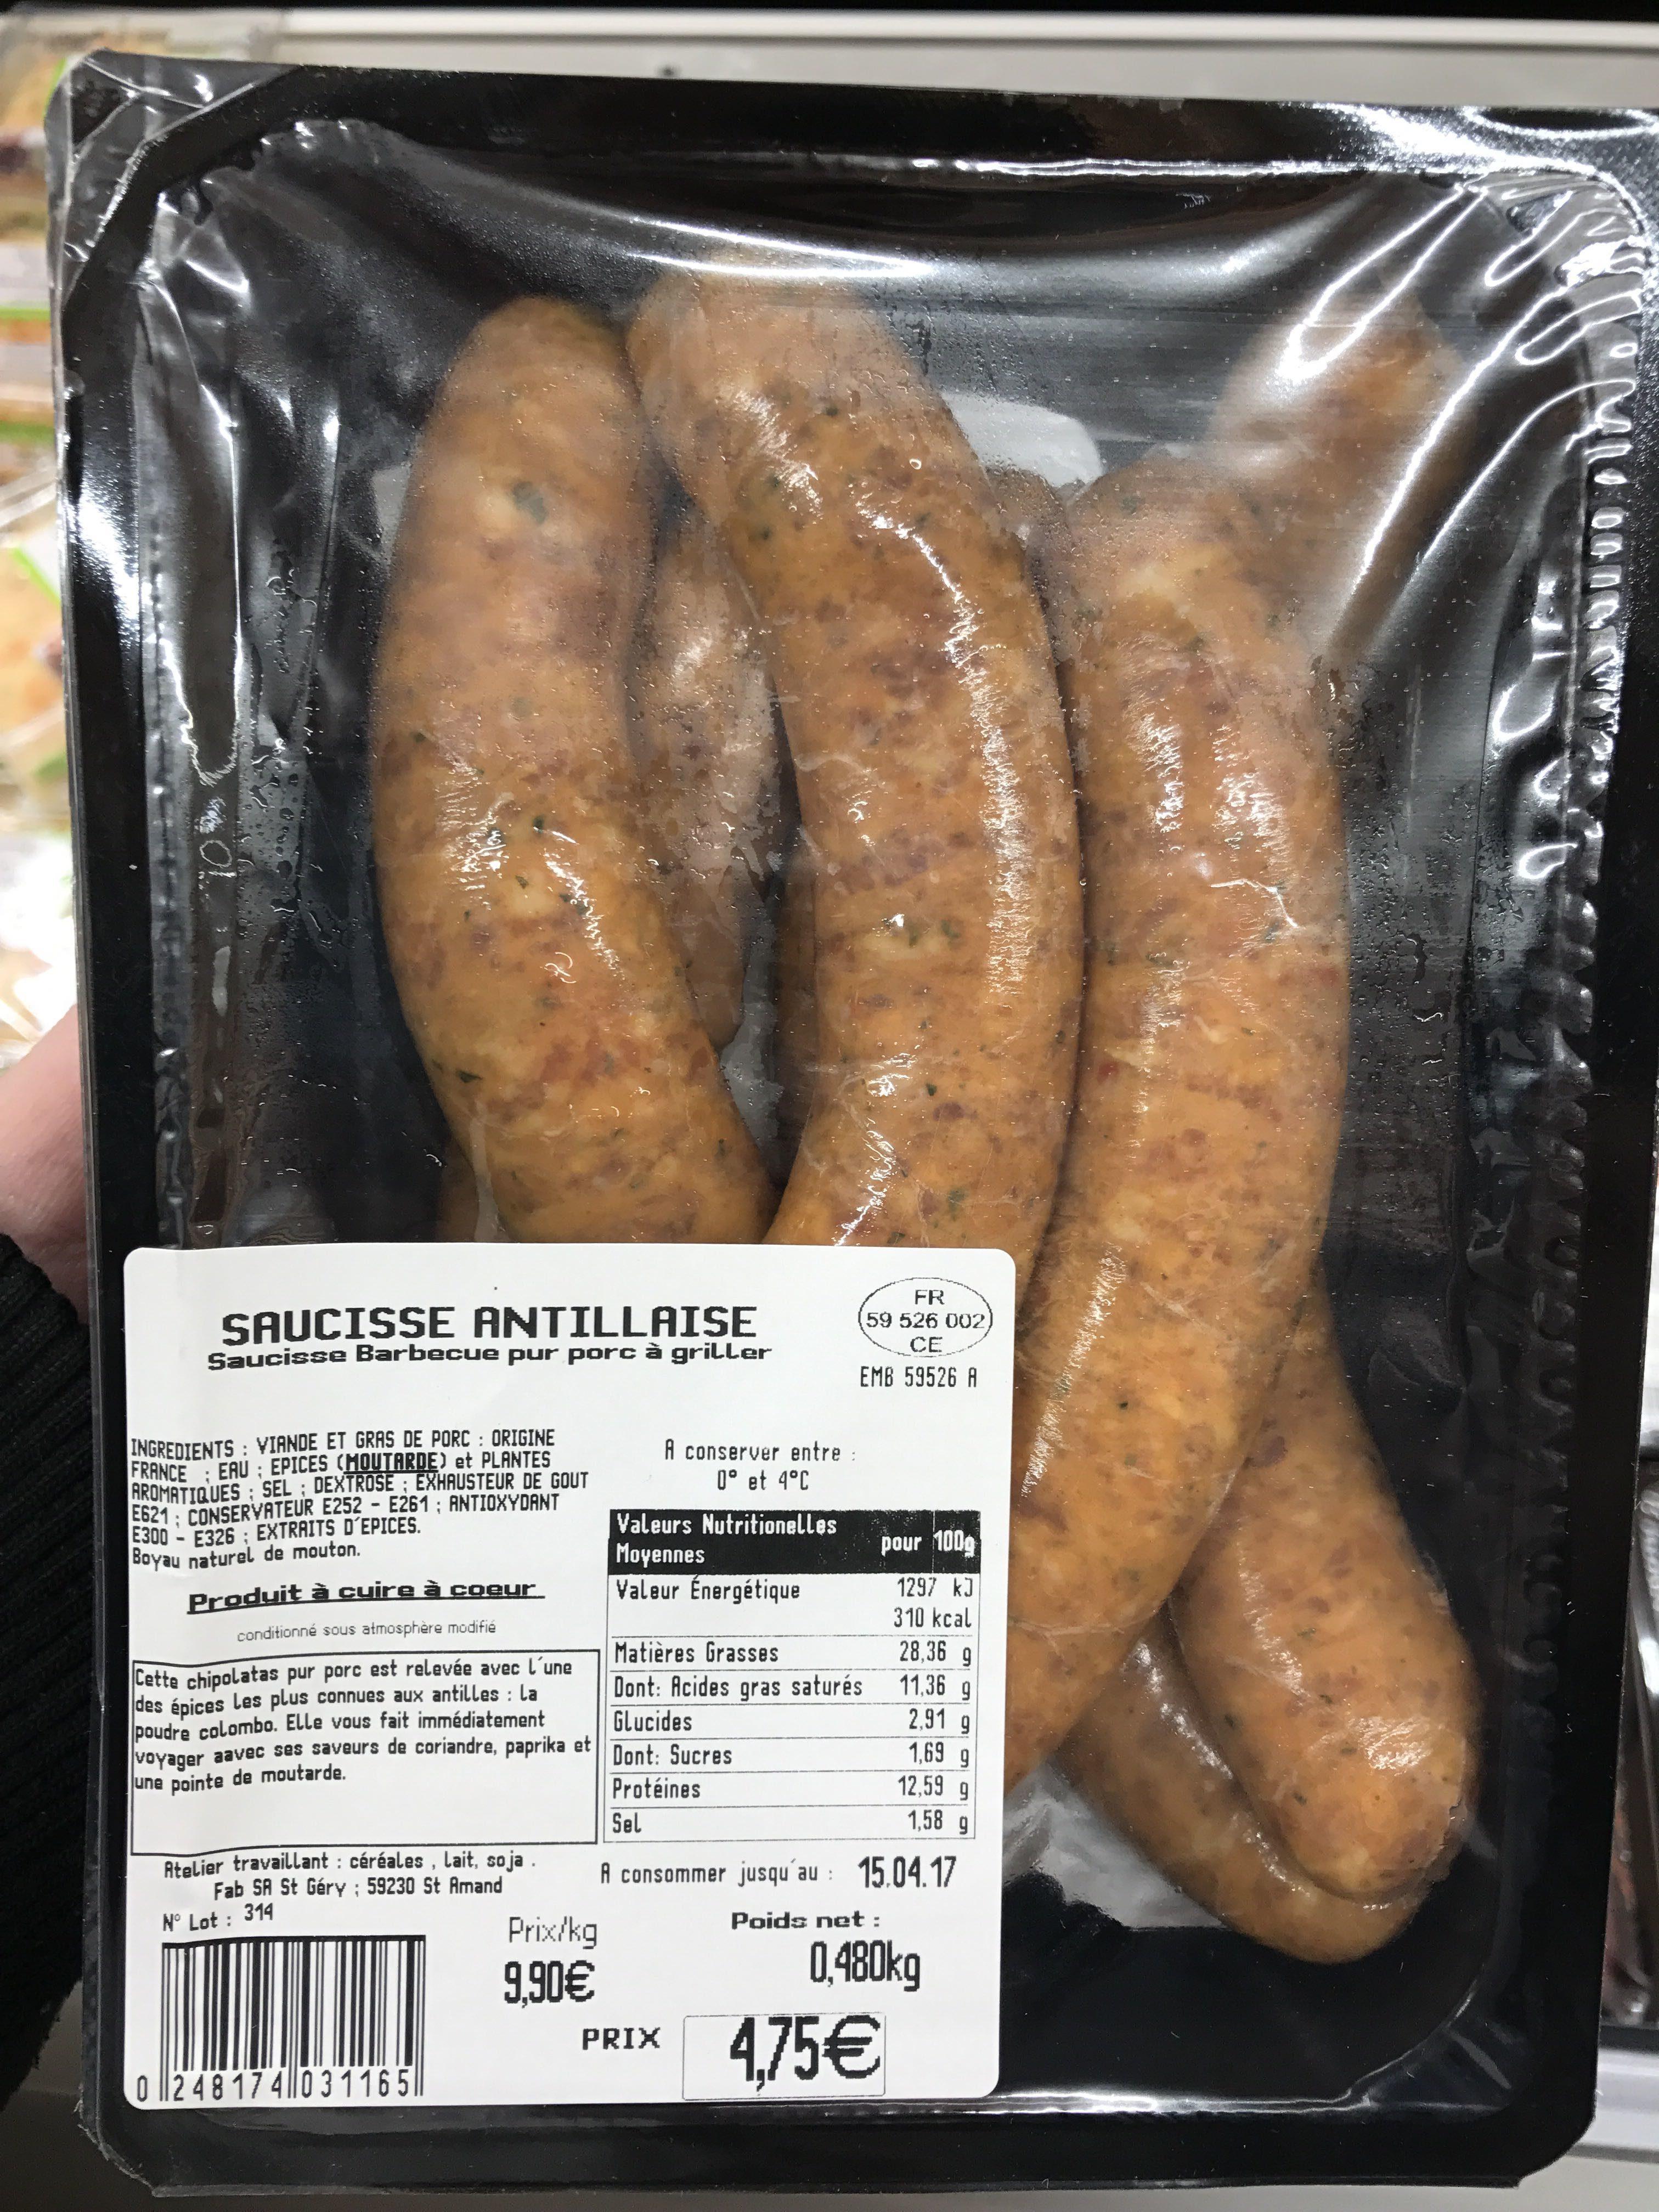 Saucisse Antillaise - Product - fr